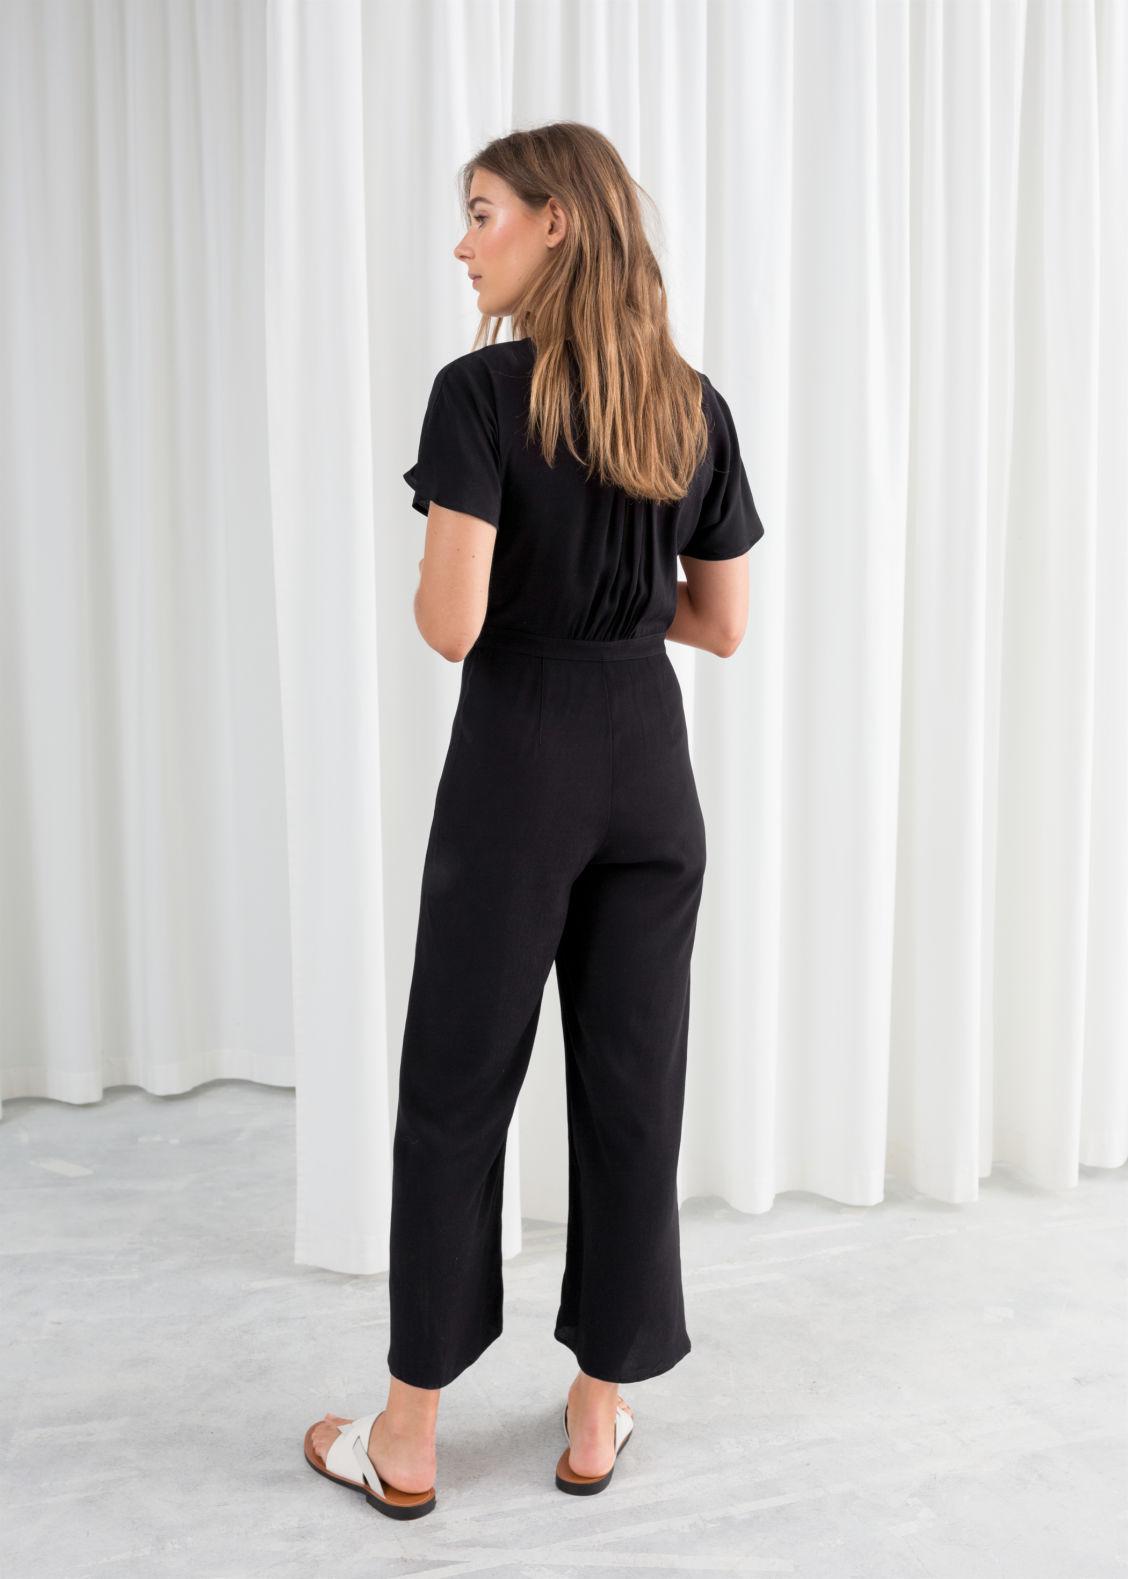 12c7a0628e42 Button Up Jumpsuit - Black - Jumpsuits   Playsuits -   Other Stories